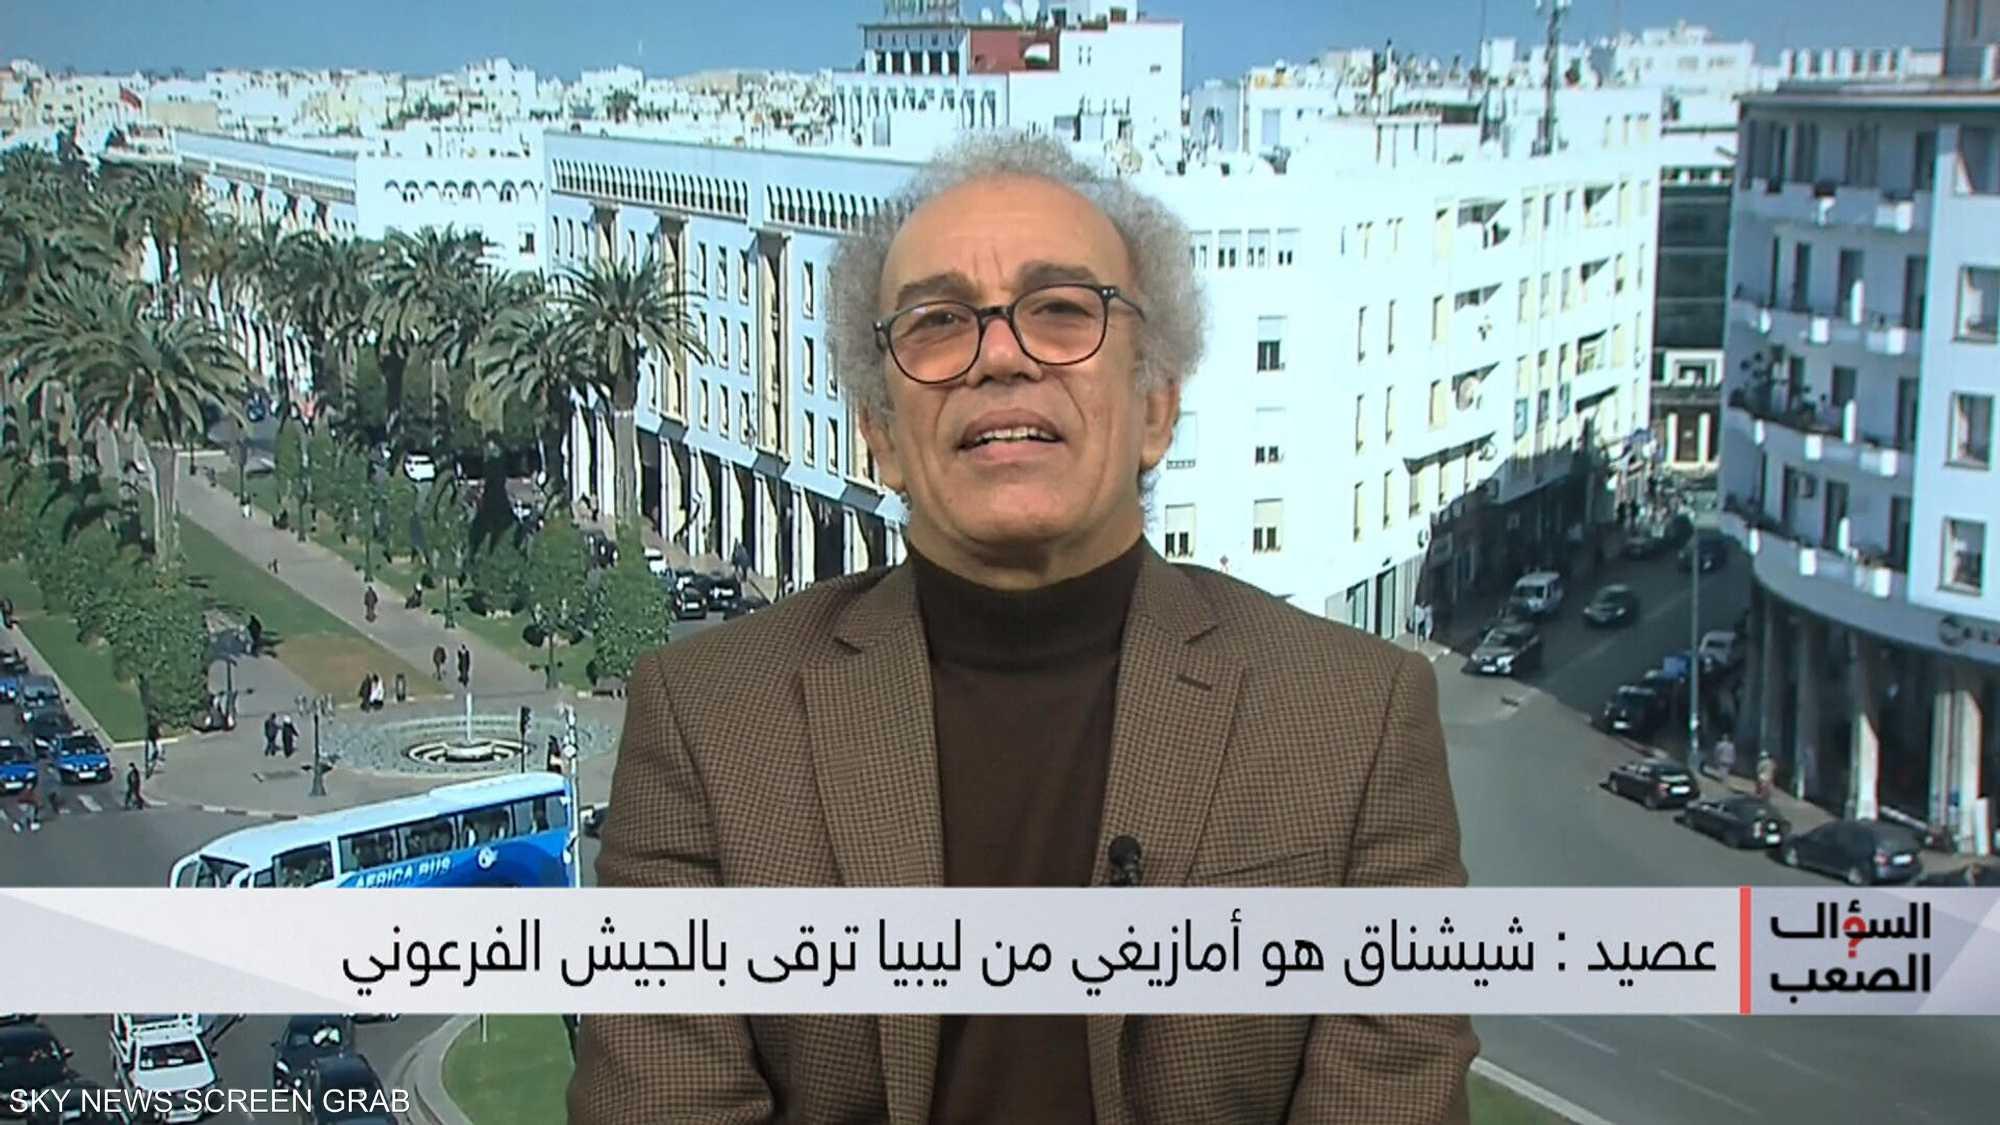 السؤال الصعب مع الكاتب والناشط الحقوقي المغربي أحمد عصيد